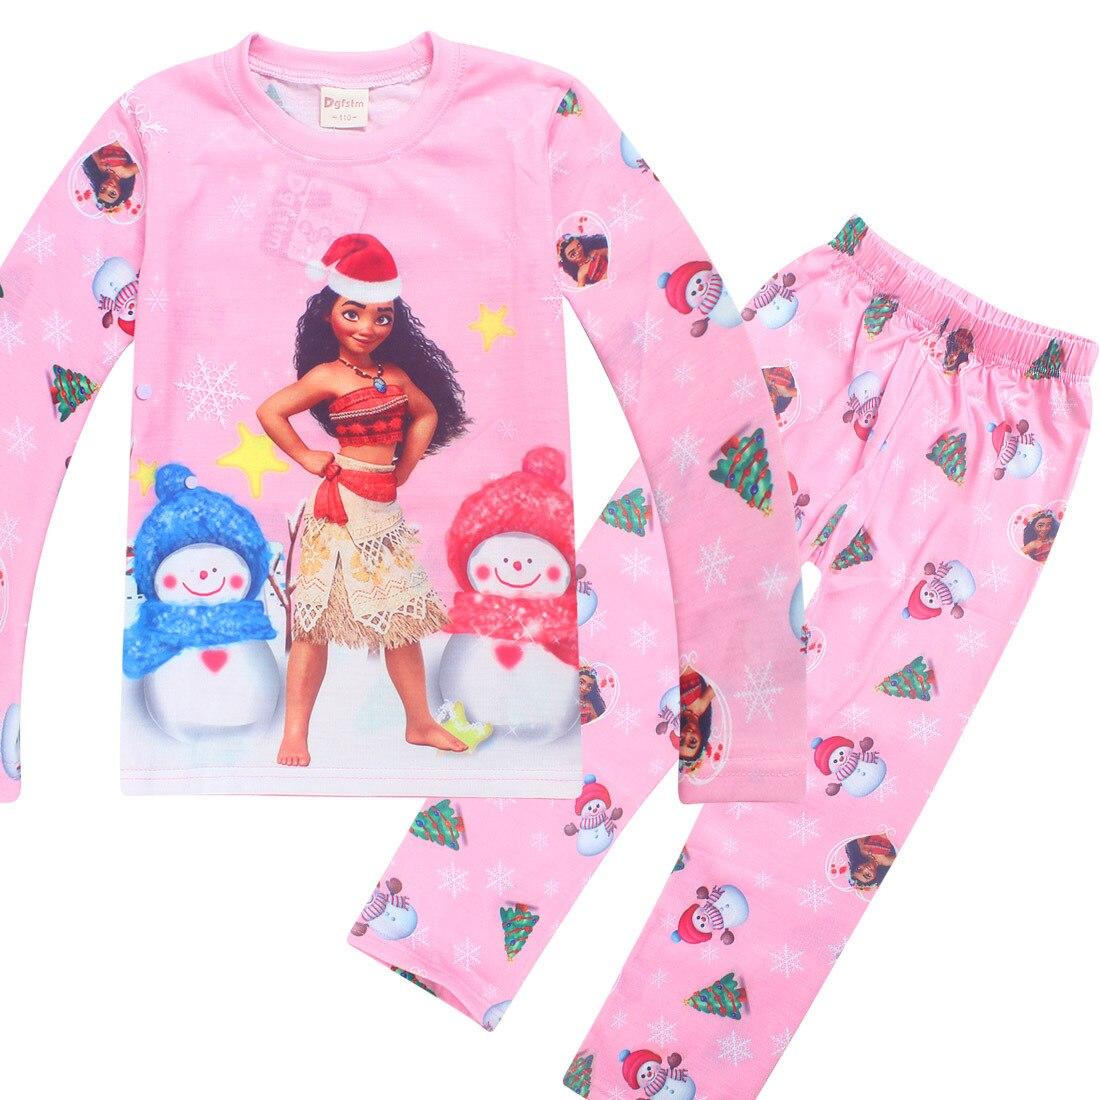 96e57dfe95c33 2017 Pyjama pour garçons Moana Vaiana Costume filles Pyjama de noël Pyjama  enfants fille Pijamas manches longues t shirt + ensemble de vêtements ...